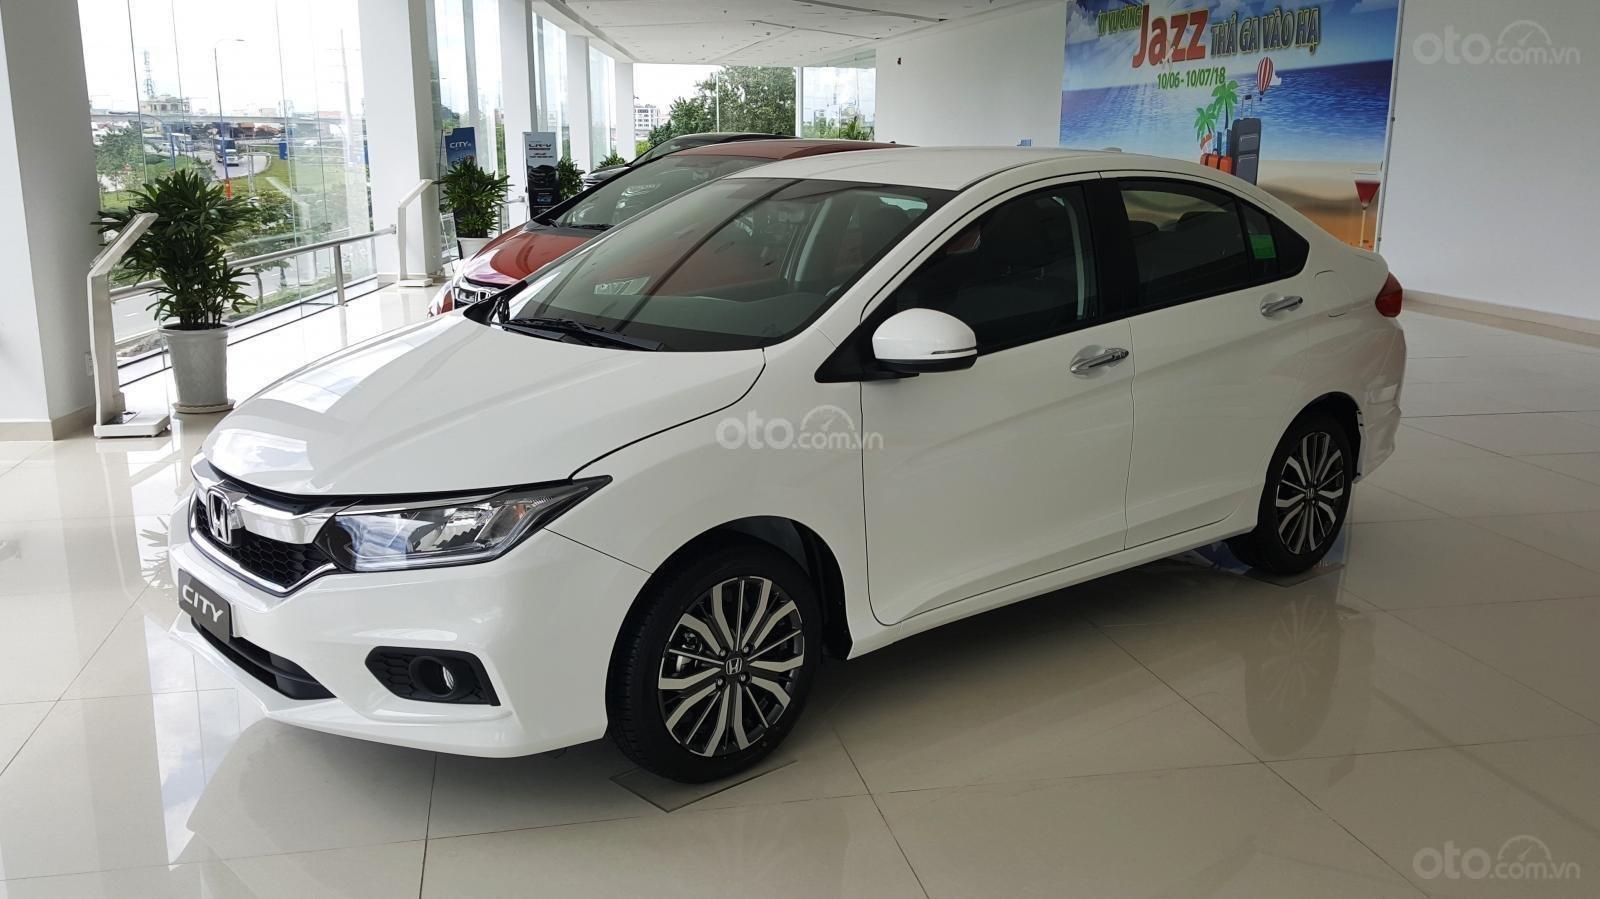 Thông số kỹ thuật xe Honda City 2020 mới nhất tại Việt Nam - Hình 2